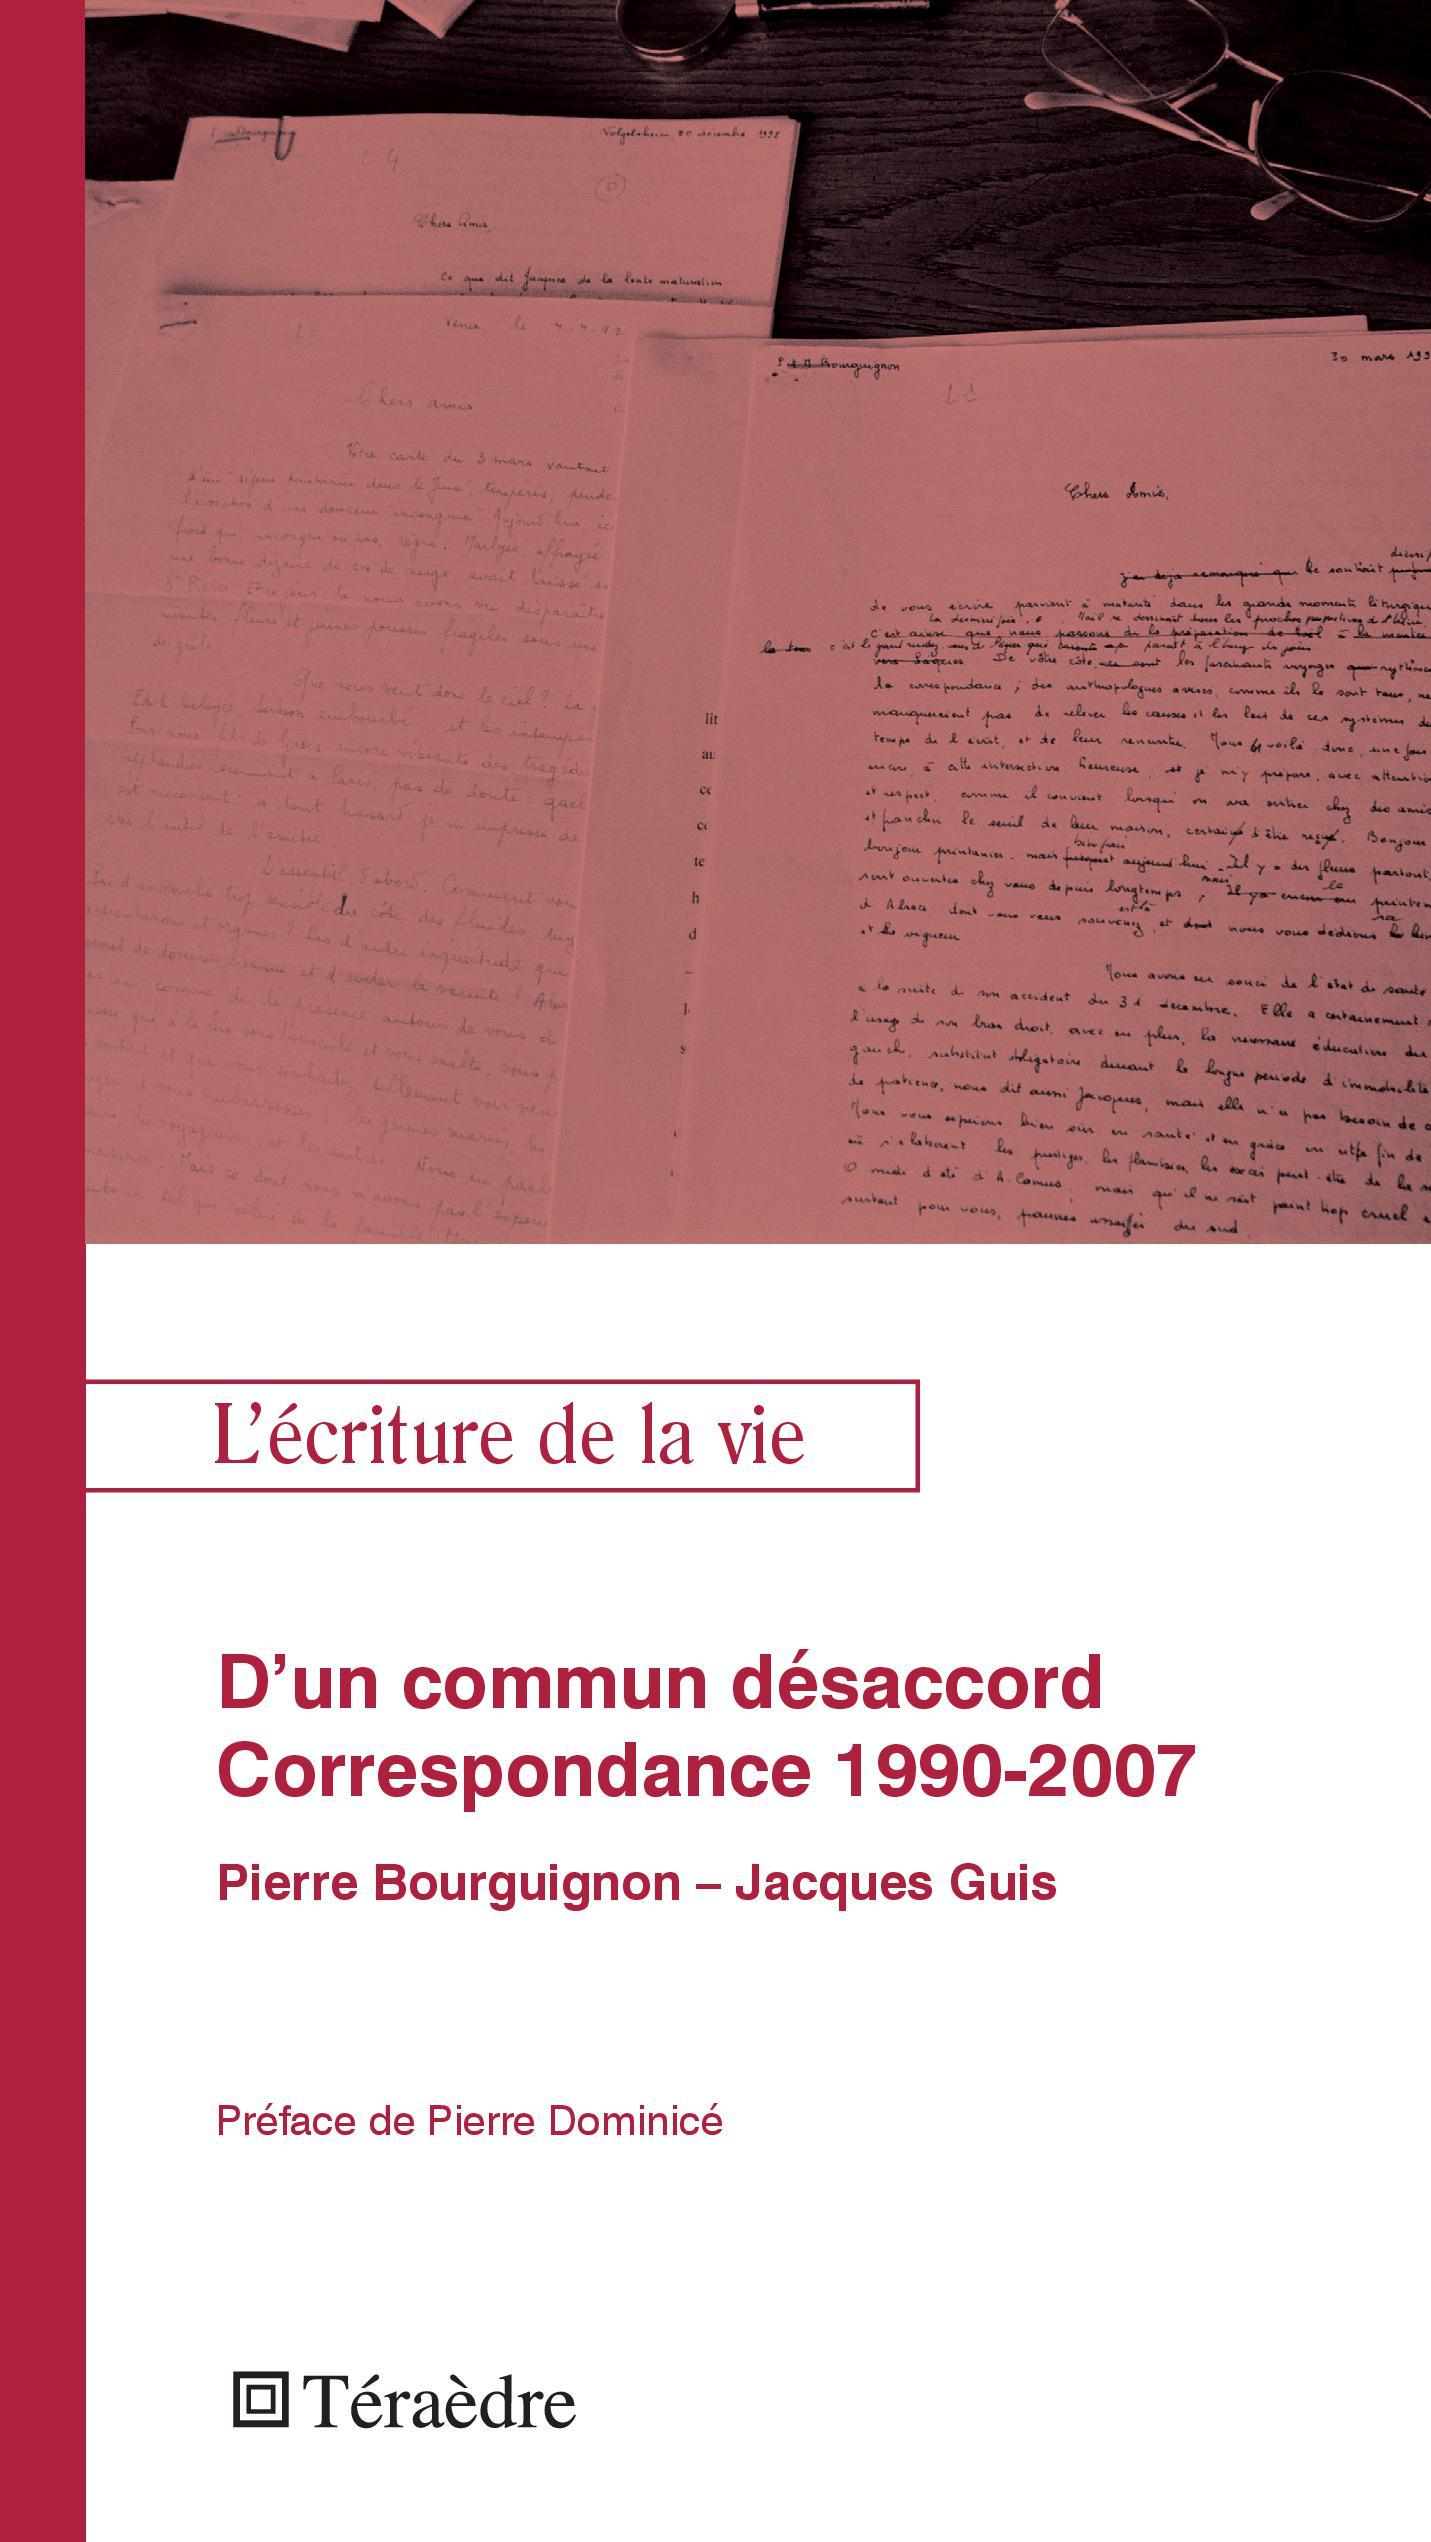 D'UN COMMUN DESACORD. CORRESPONDANCE 1990-2007